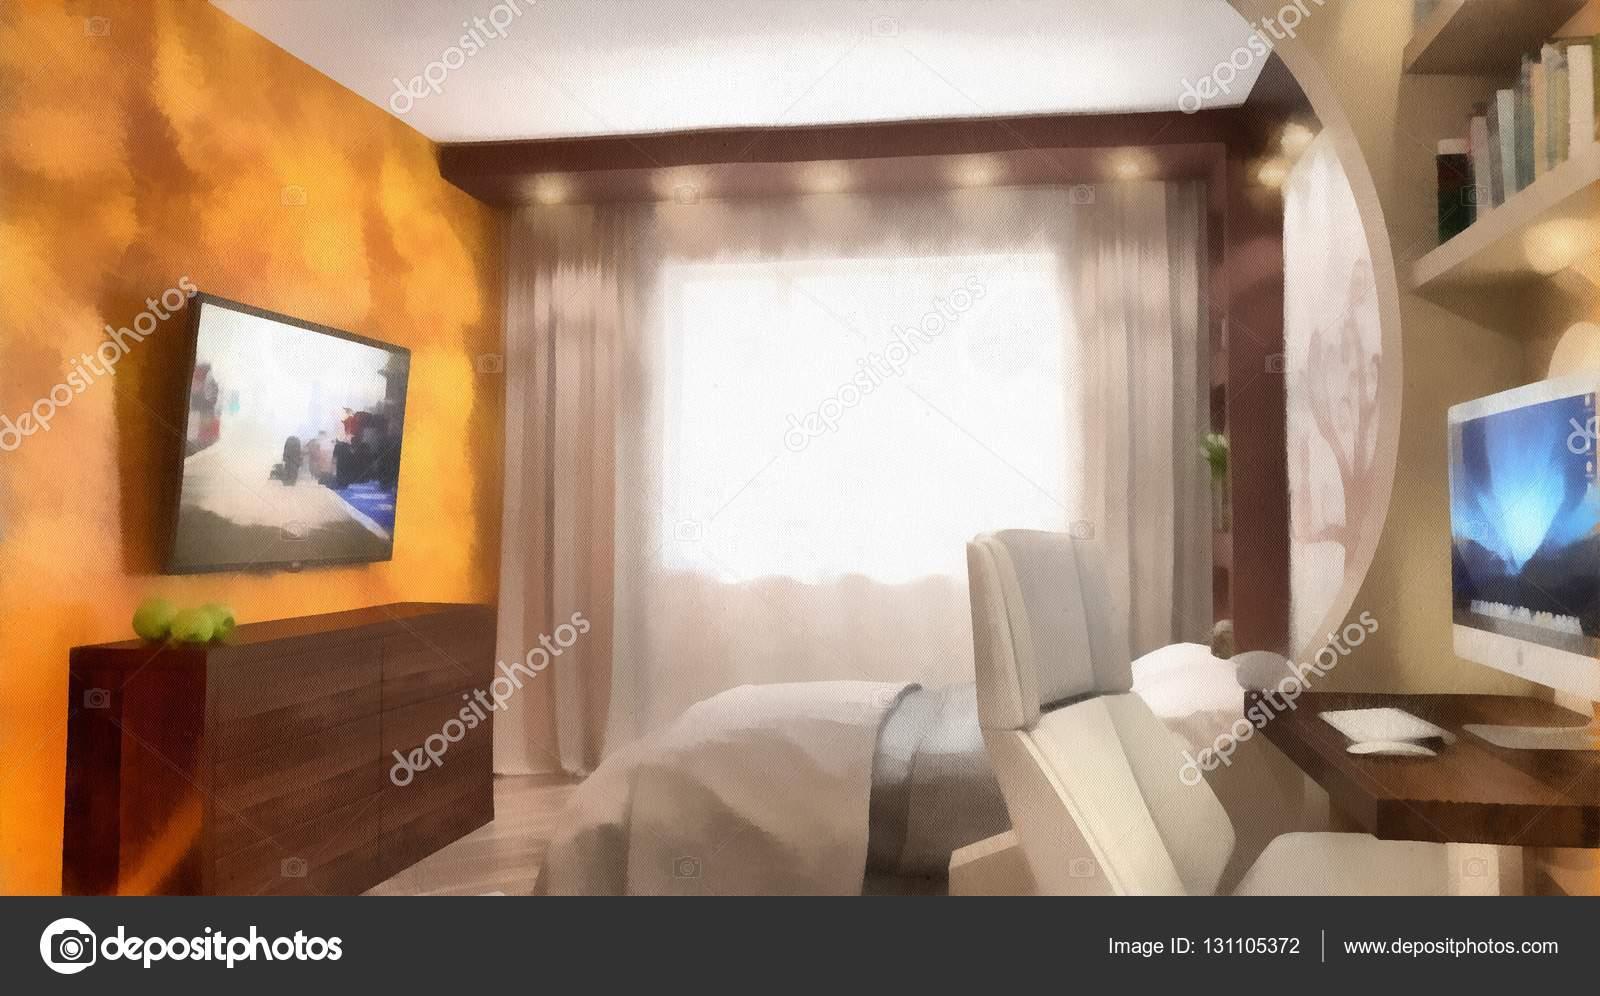 Modern Interieur Schilderij : Aquarel schilderij van een modern interieur d rendering